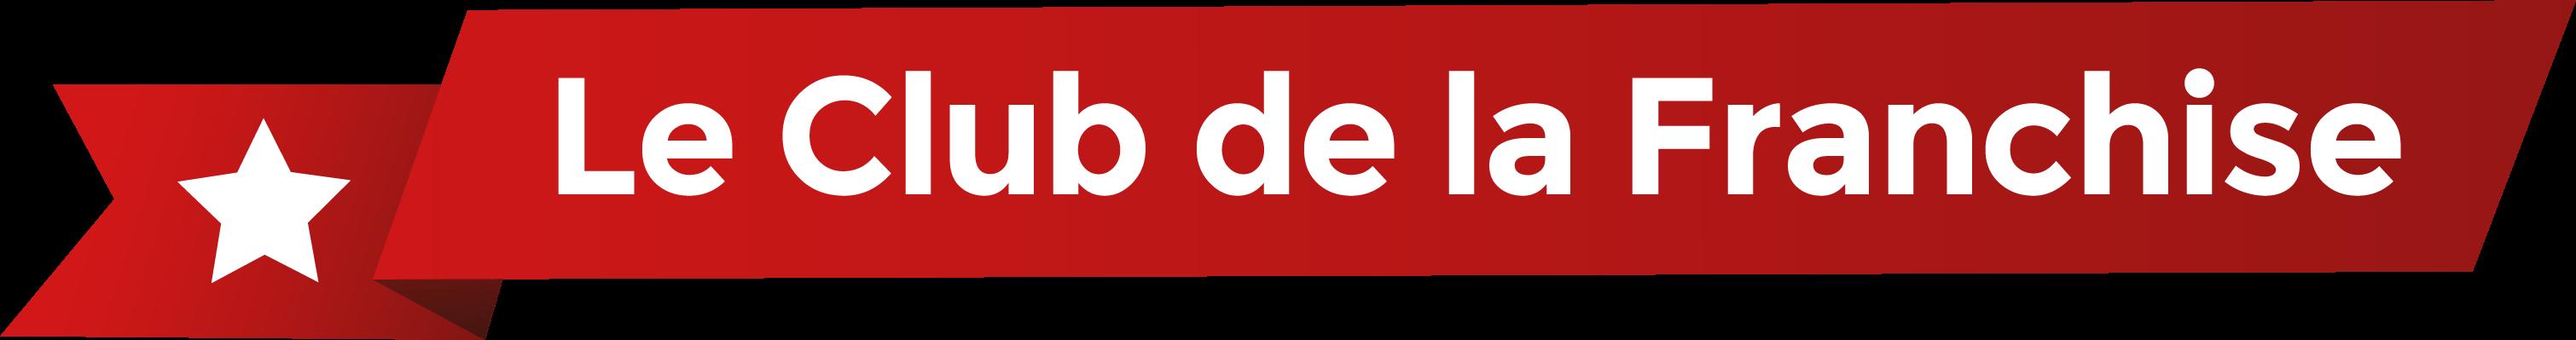 le-club-de-la-franchise-logo